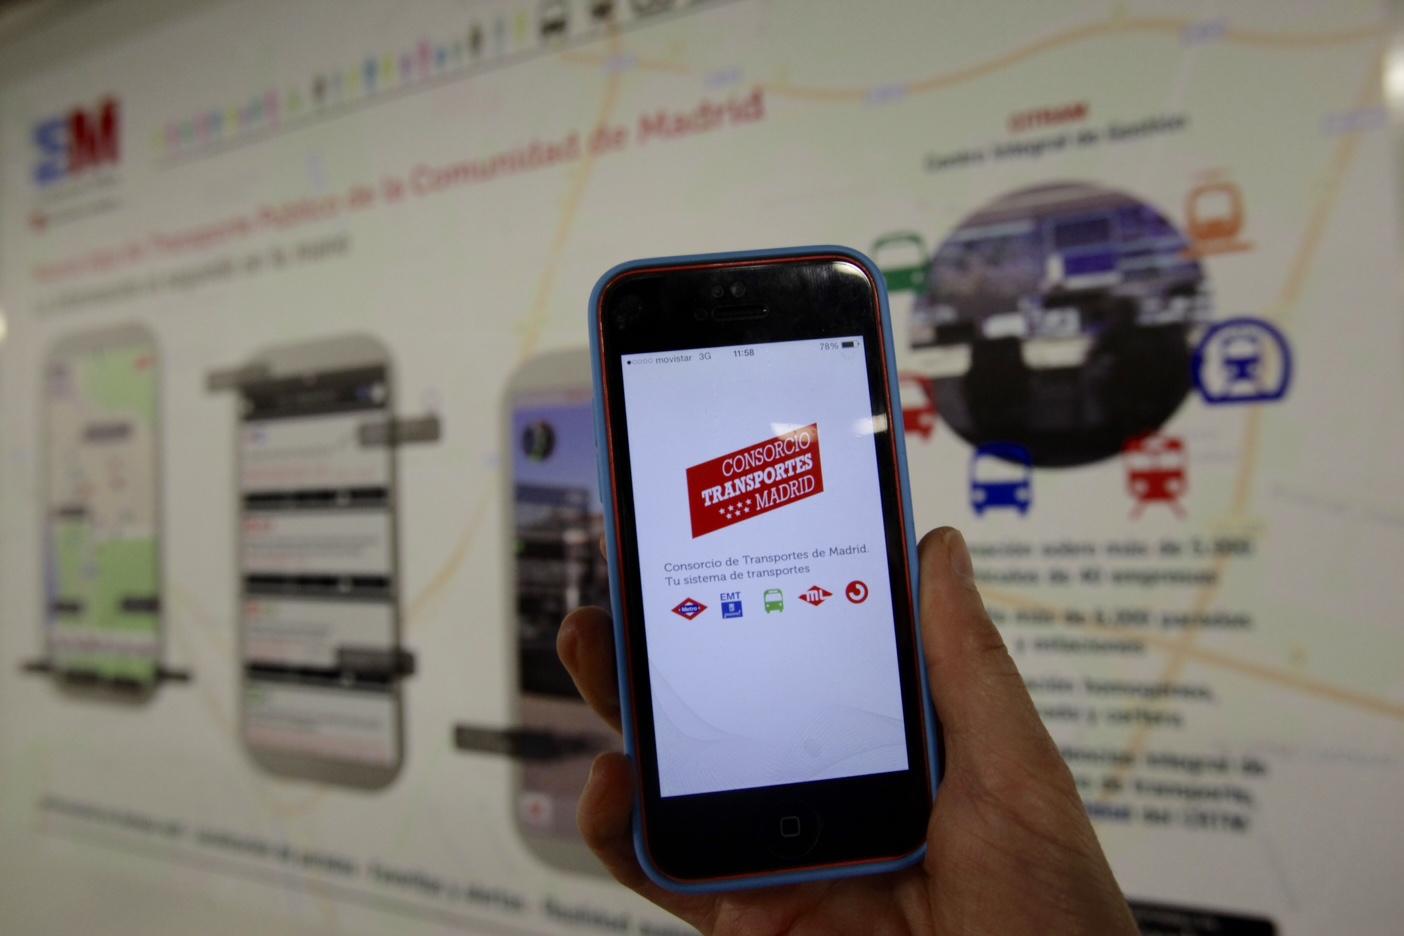 La aplicación móvil mi transporte aúna la información de todas las operadoras de transporte público de la Comunidad de Madrid. Foto: Metro de Madrid.